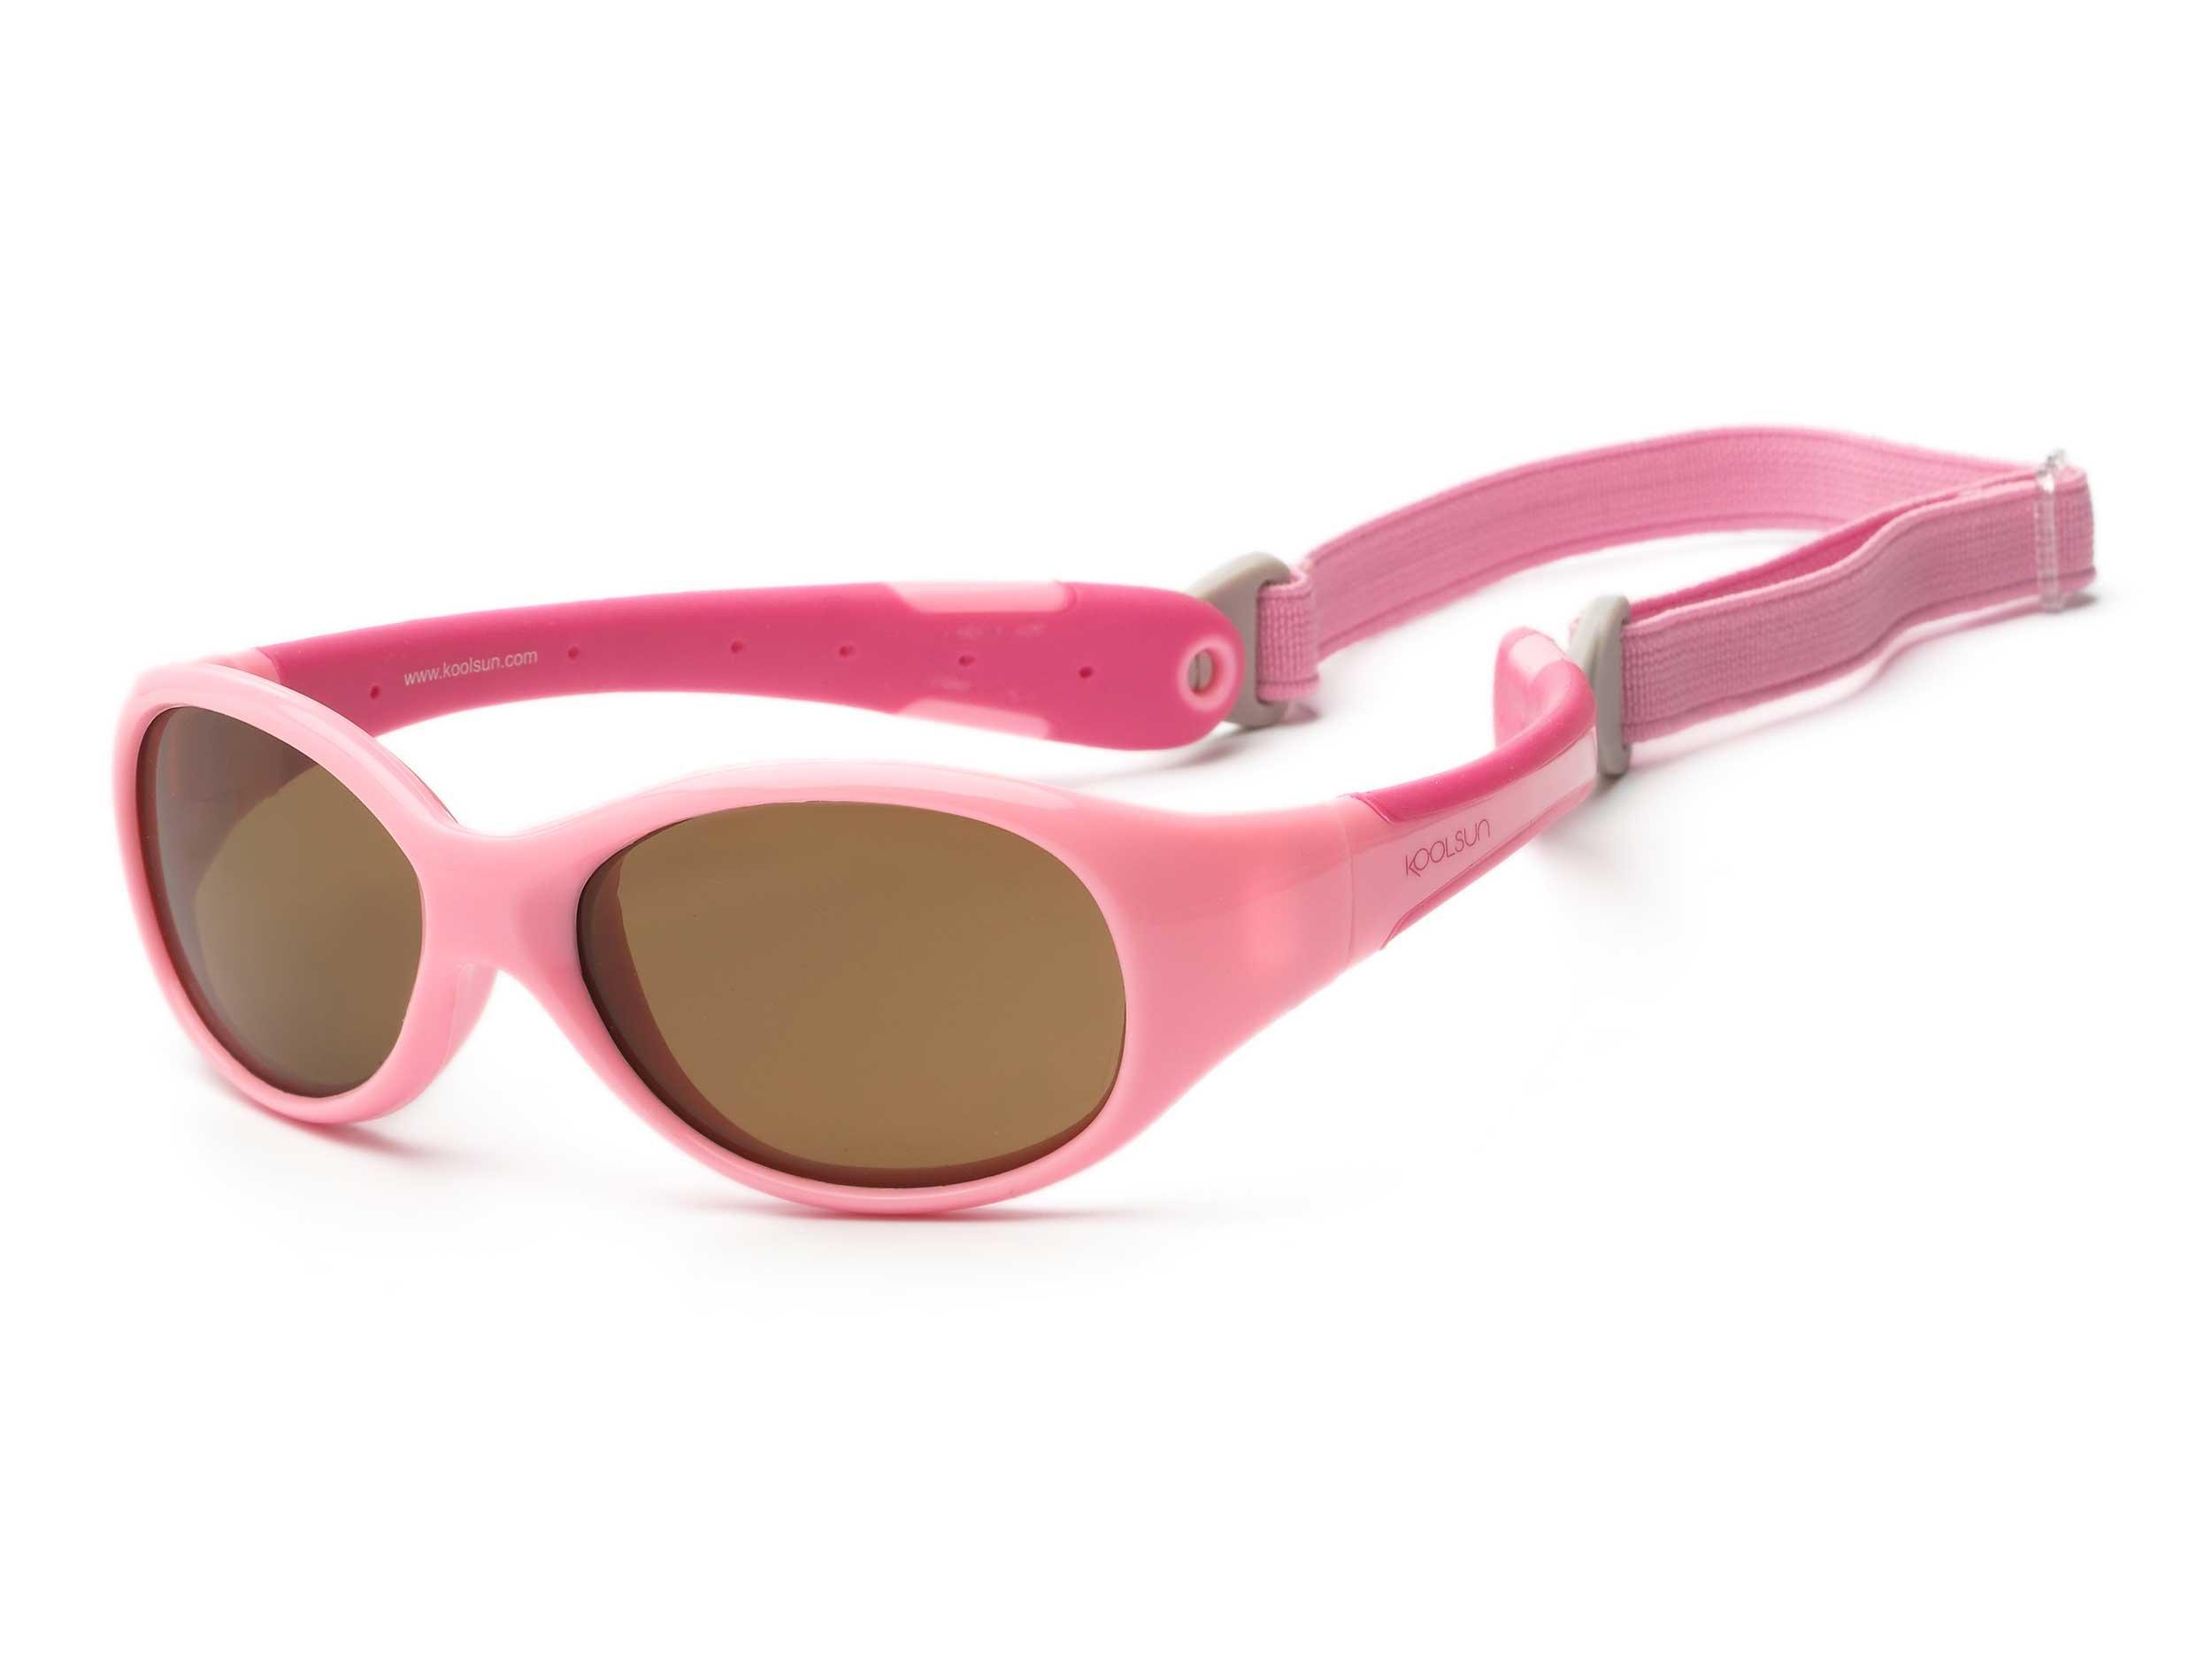 Gafas de sol para koolsun Baby Flex niña 1